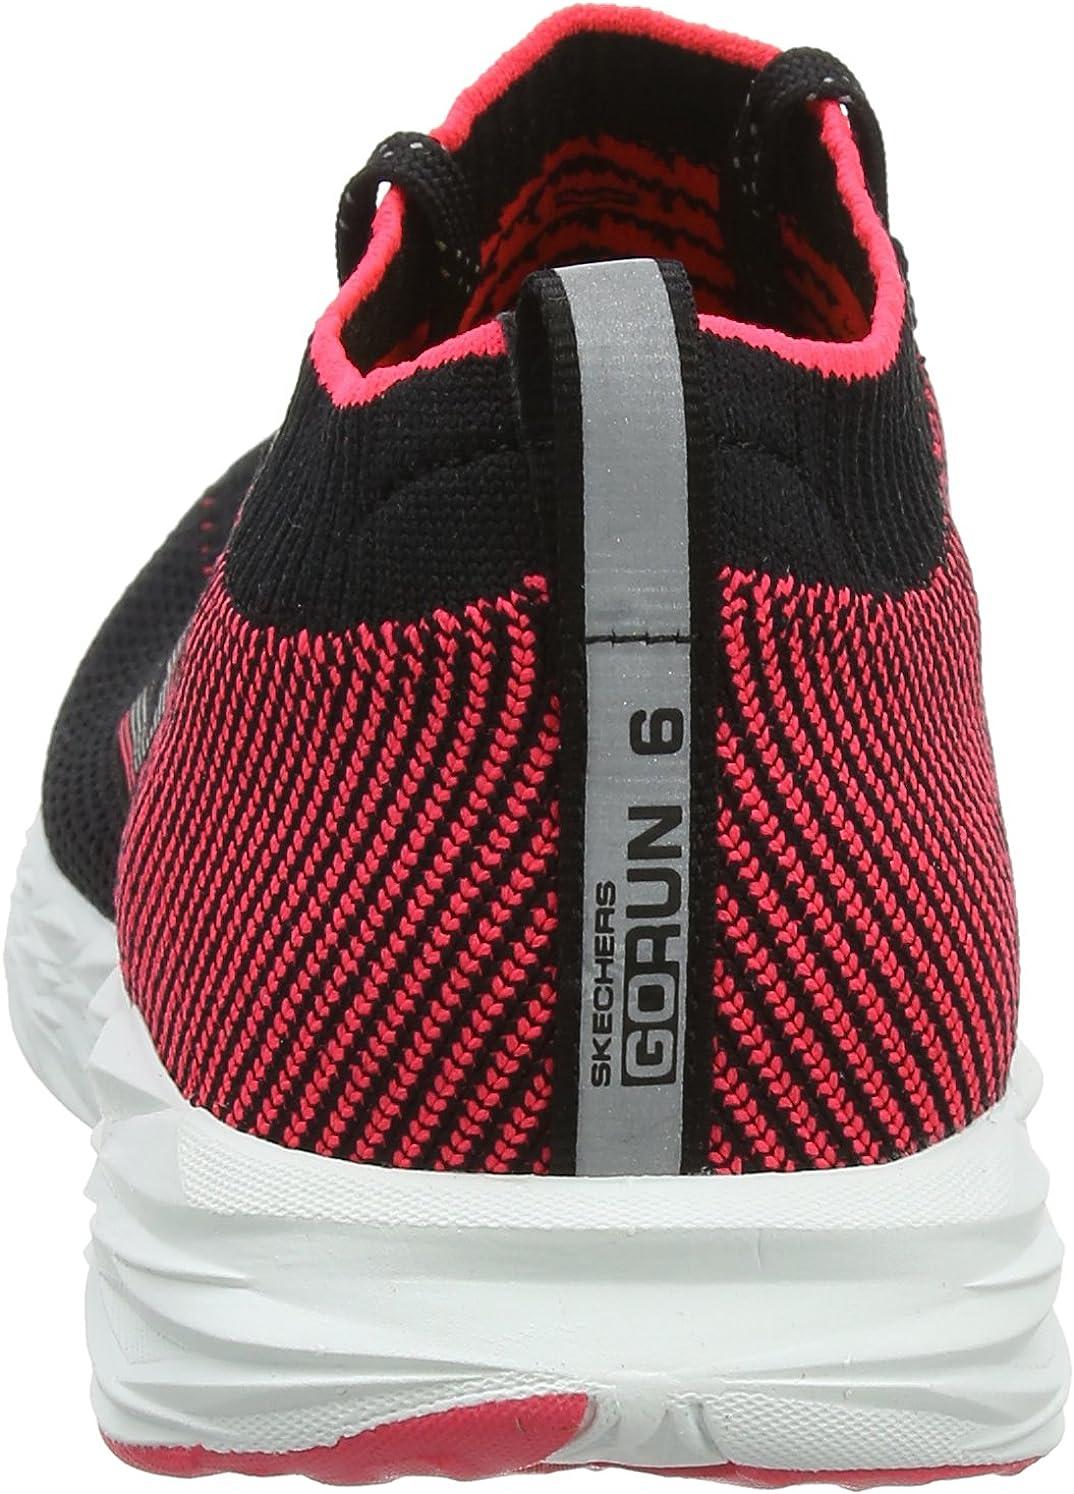 Skechers Women's 15209 Fitness Shoes